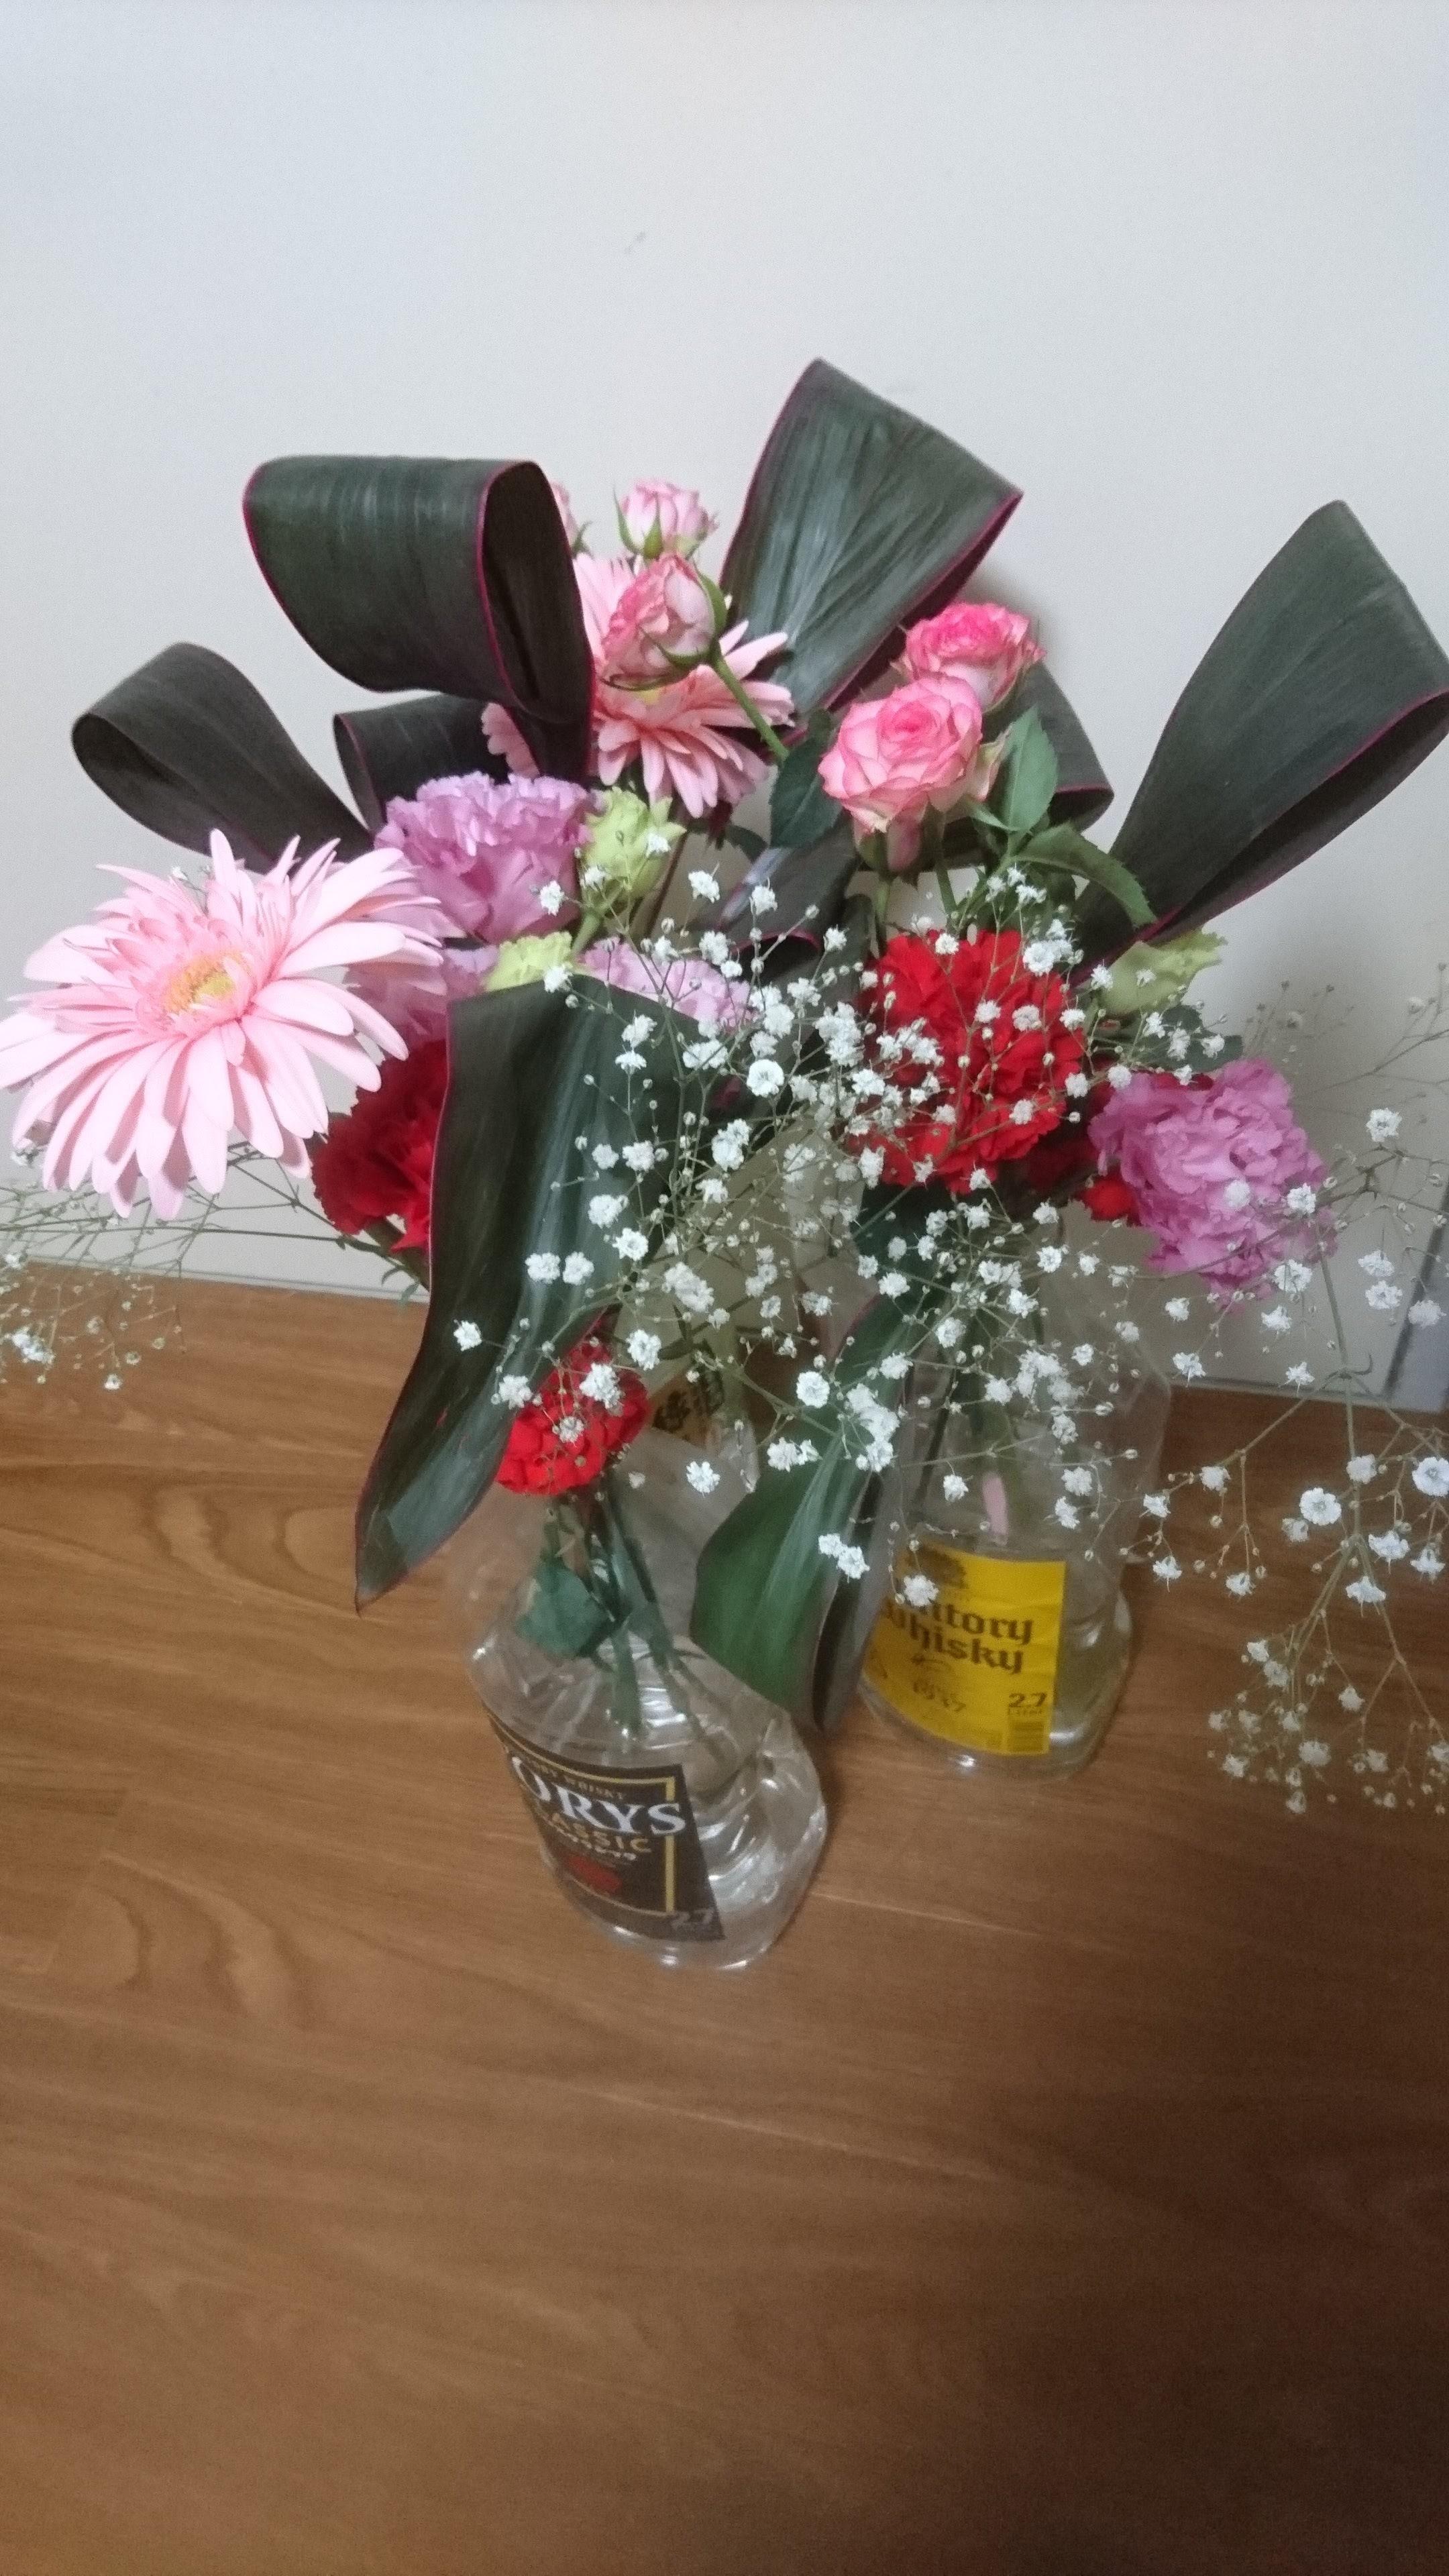 突然の贈り物、甘く香る花束 (よーこ せんせえ、お誕生日おめでとうございます)。(2018/04/27)